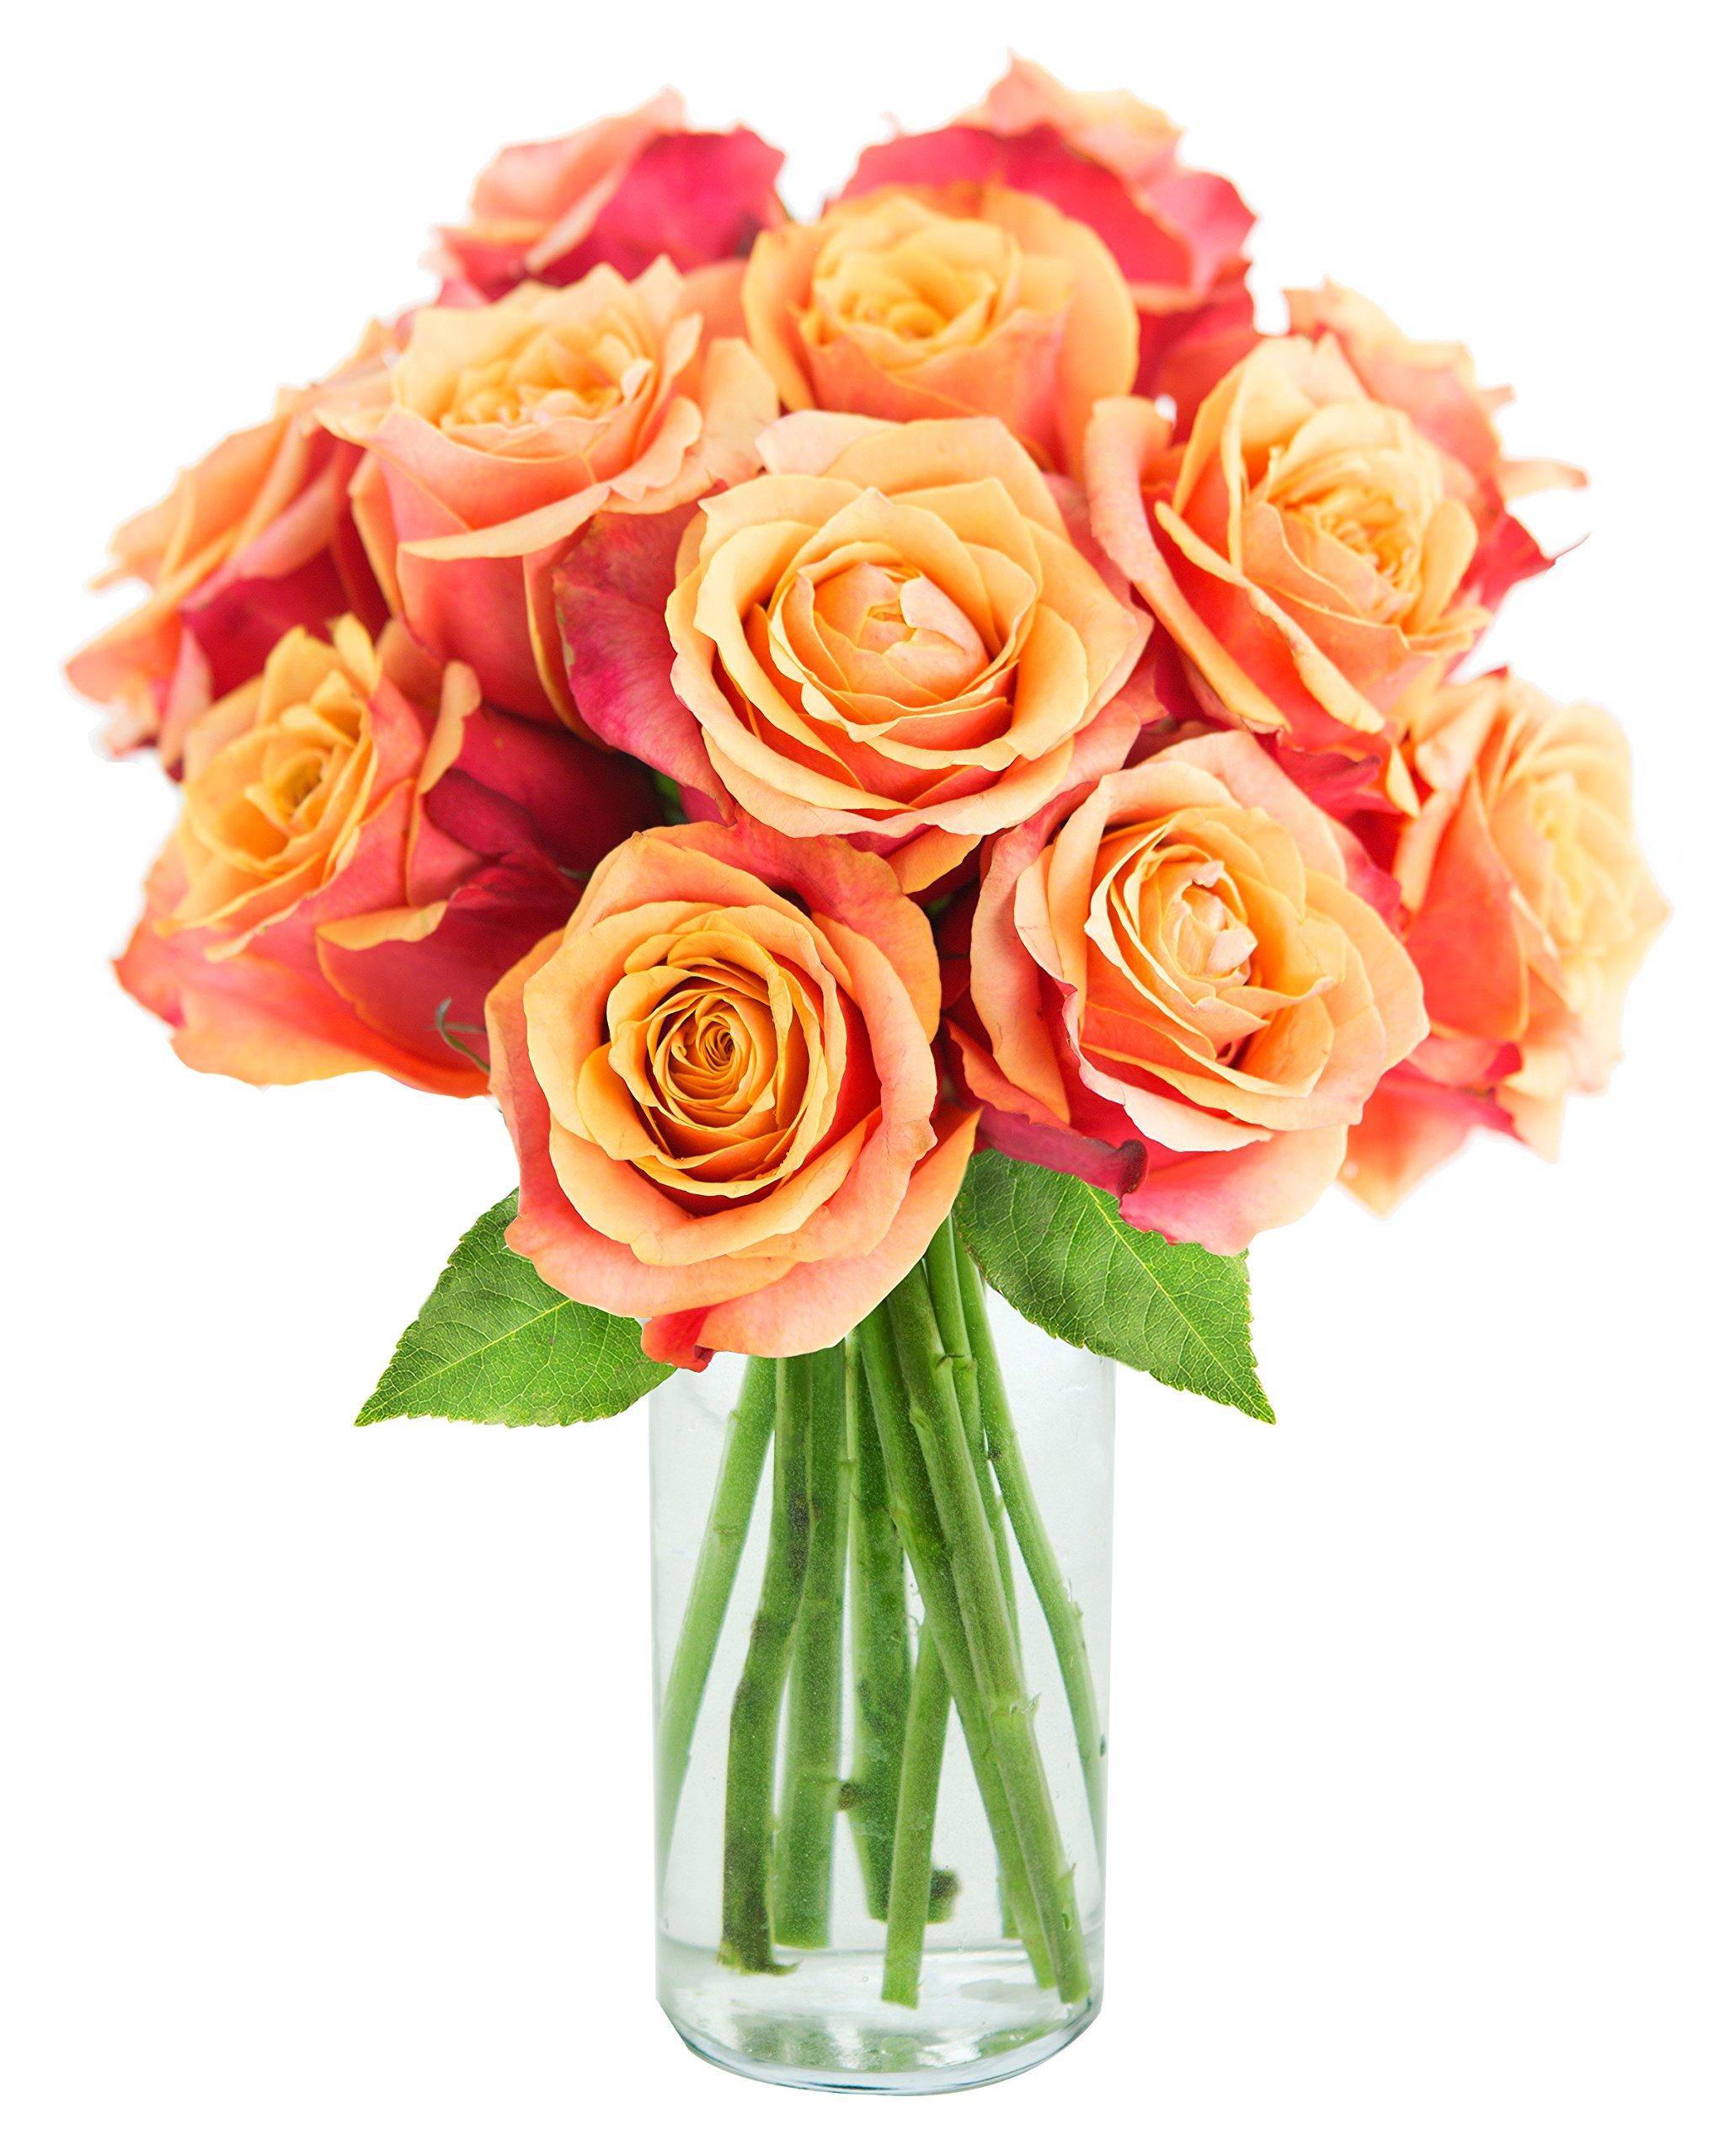 KaBloom Bouquet of 12 Fresh Cut Orange Roses (Long Stemmed) with Vase